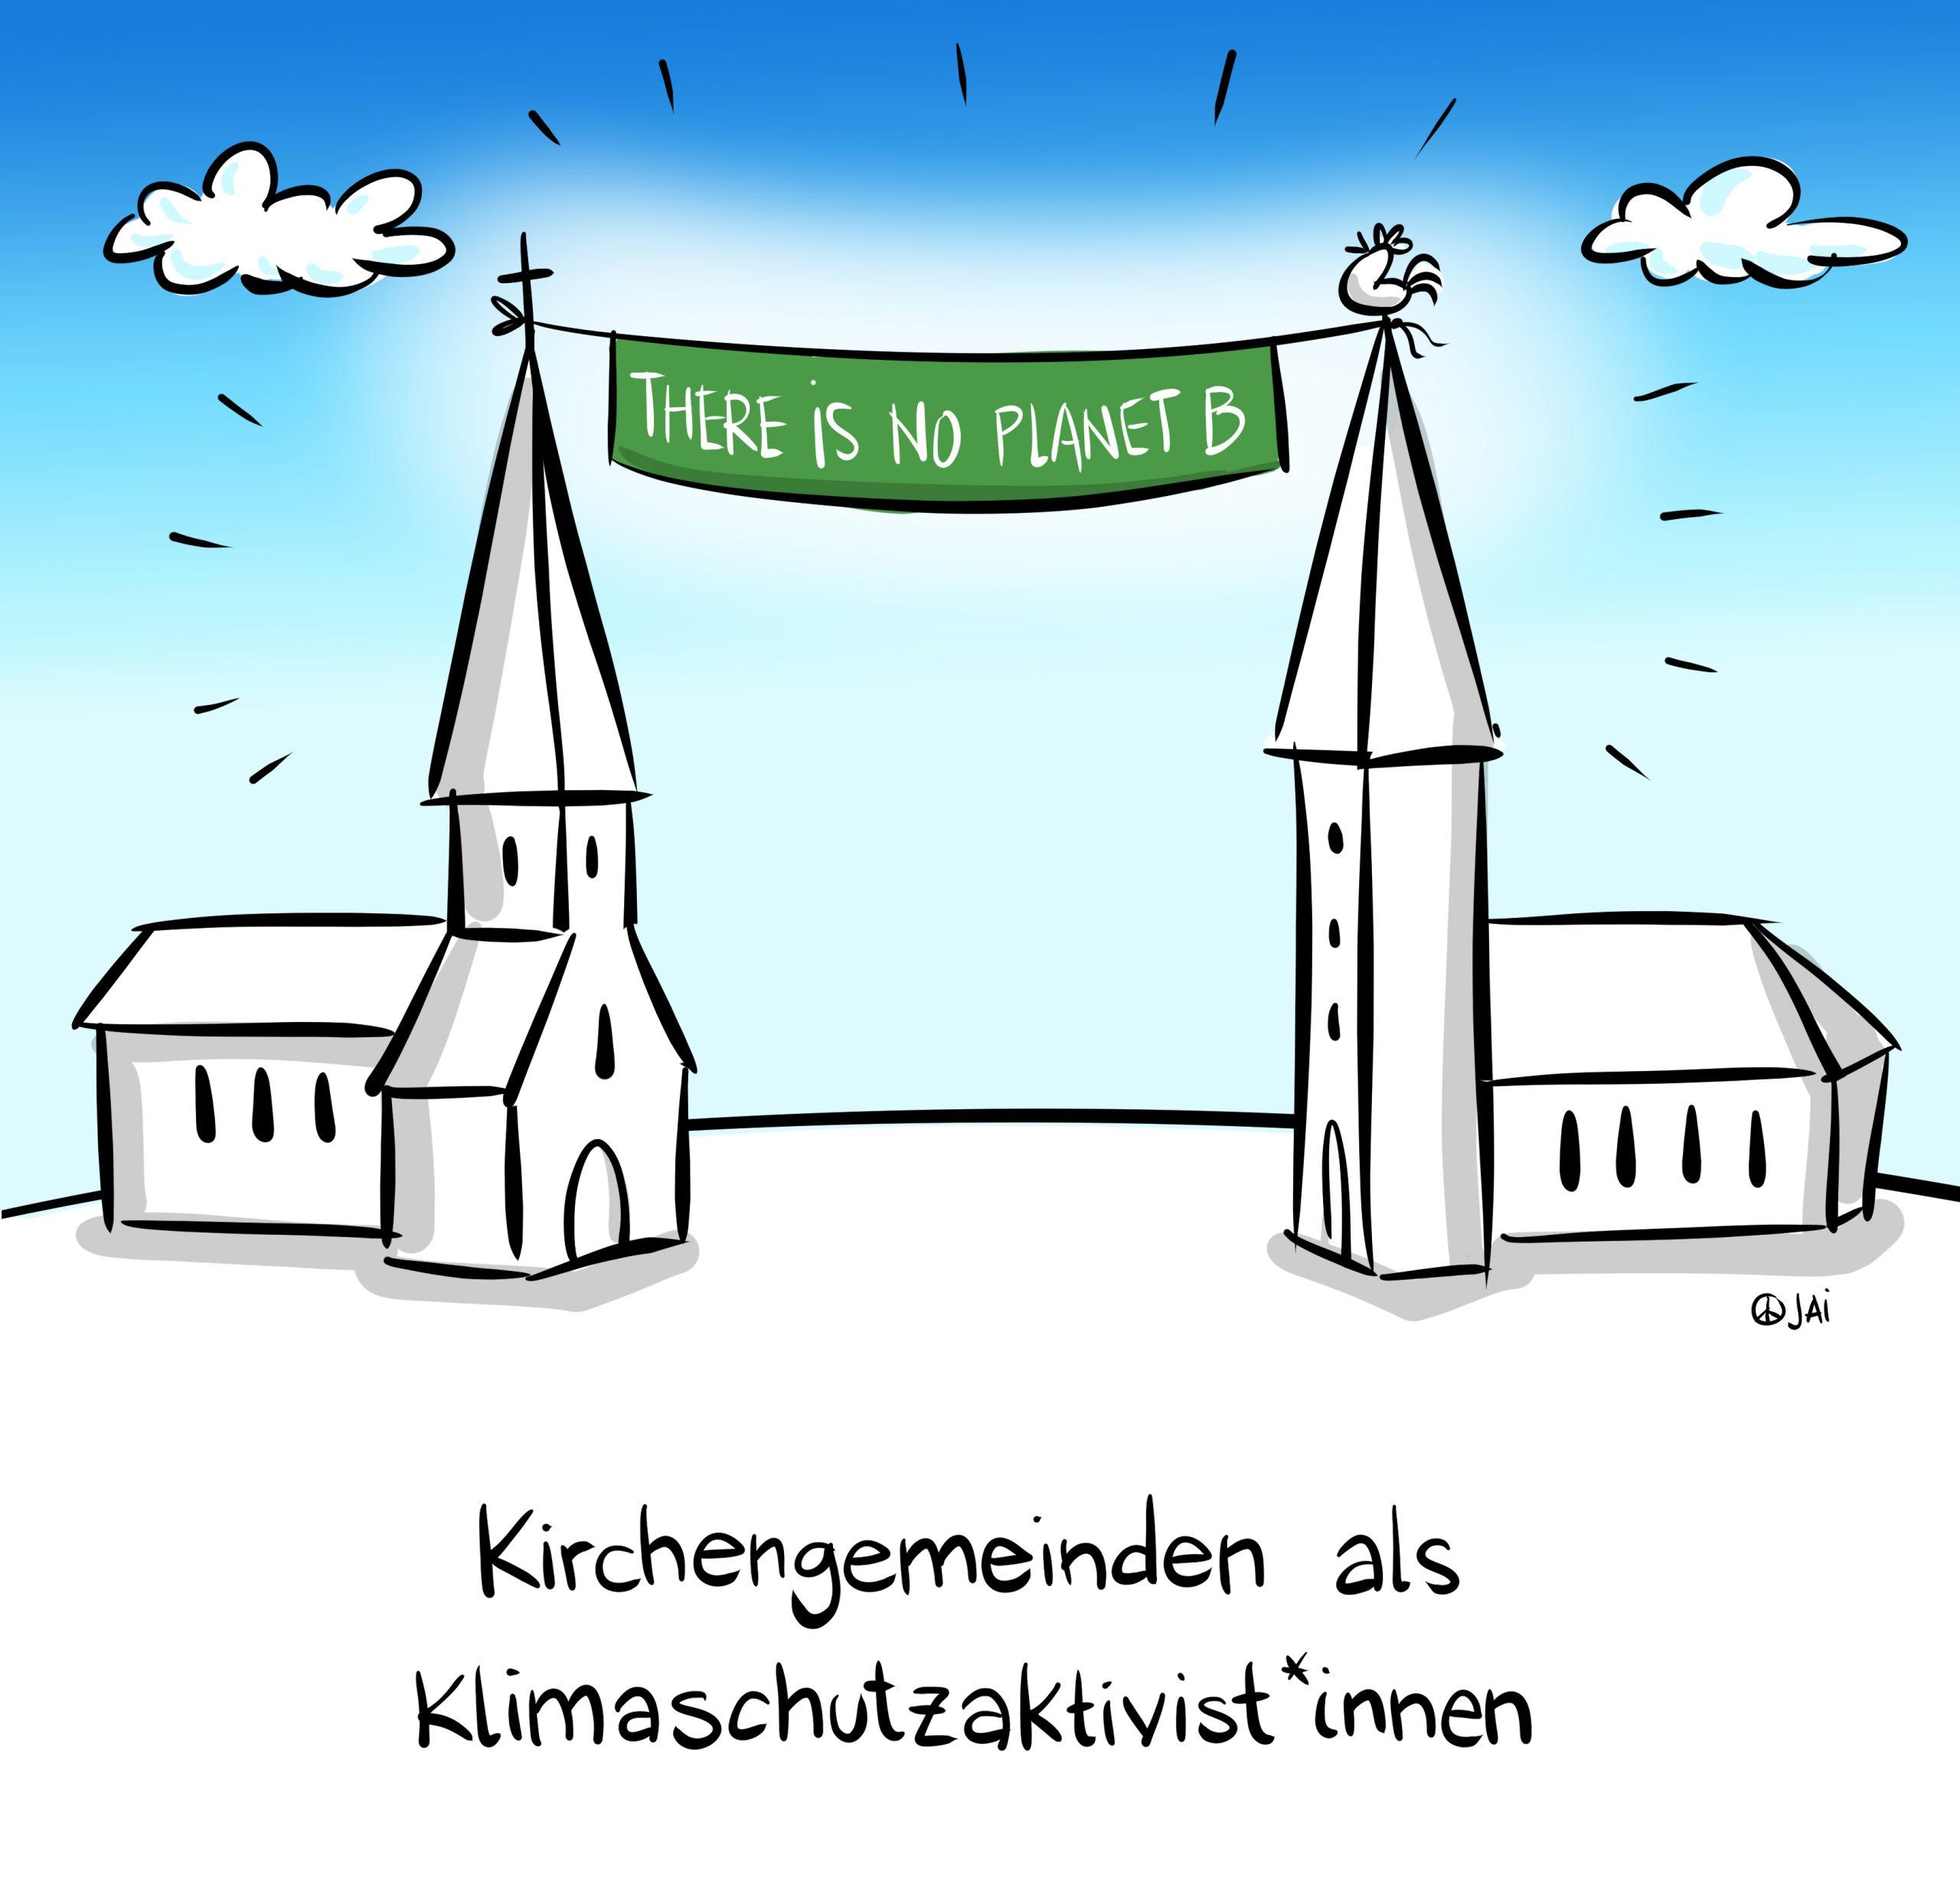 12_Kirchen_2